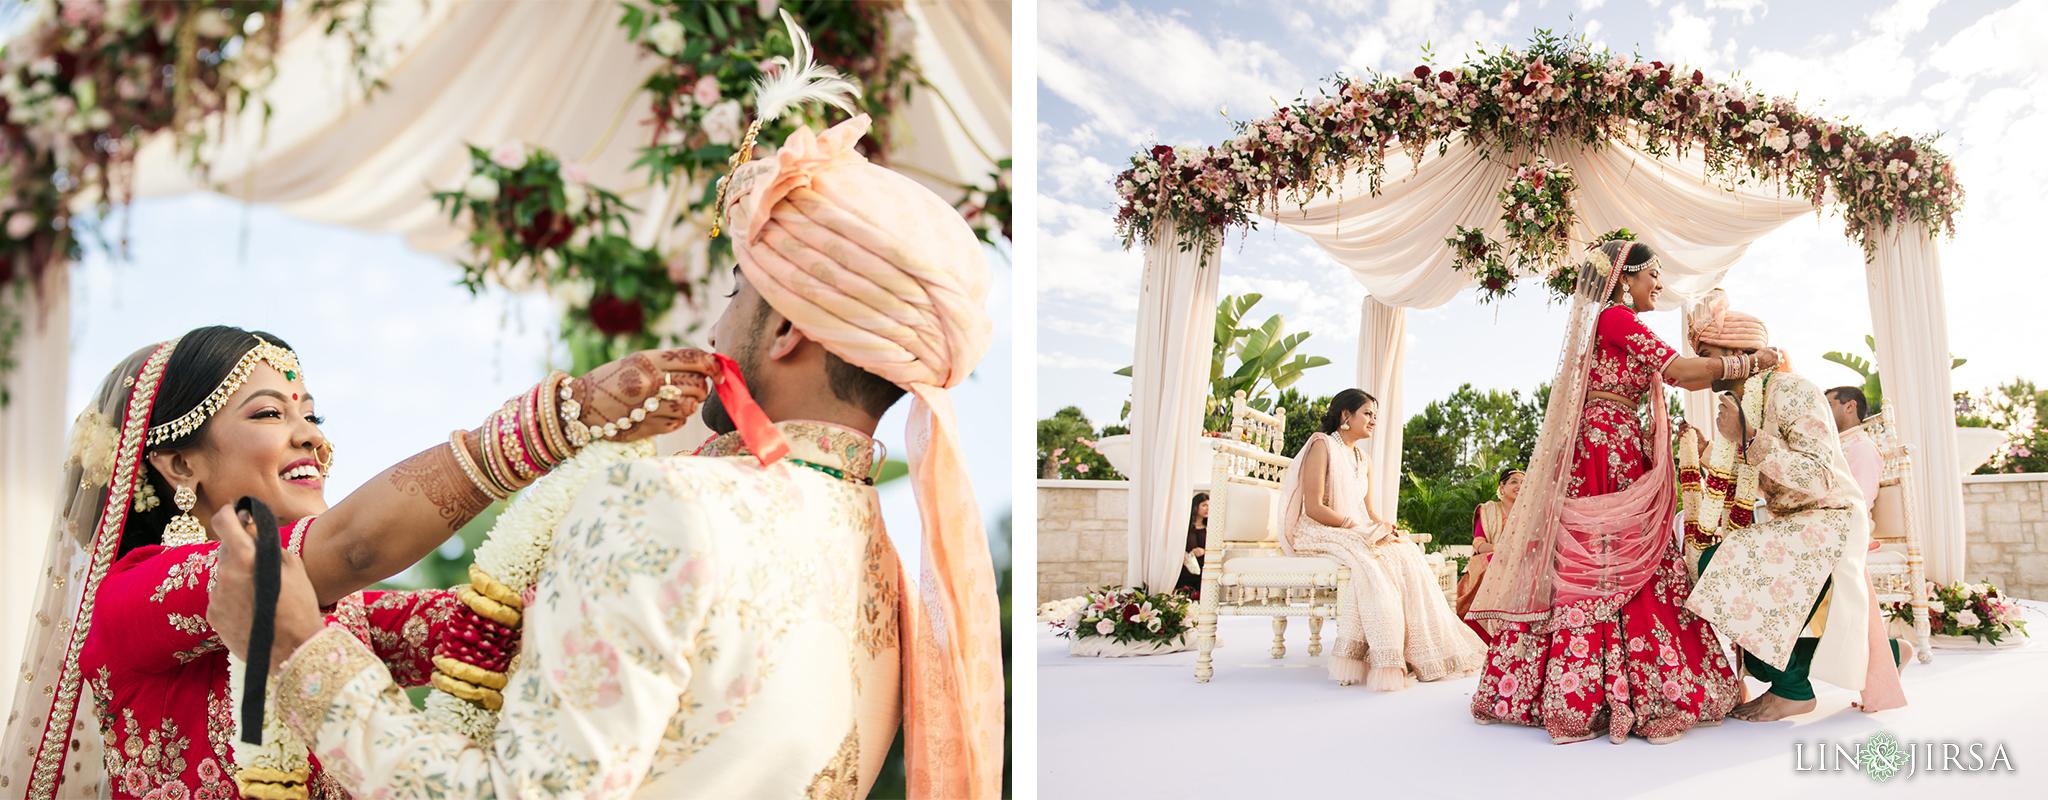 21 The Hilton Orlando Florida Indian Wedding Photography